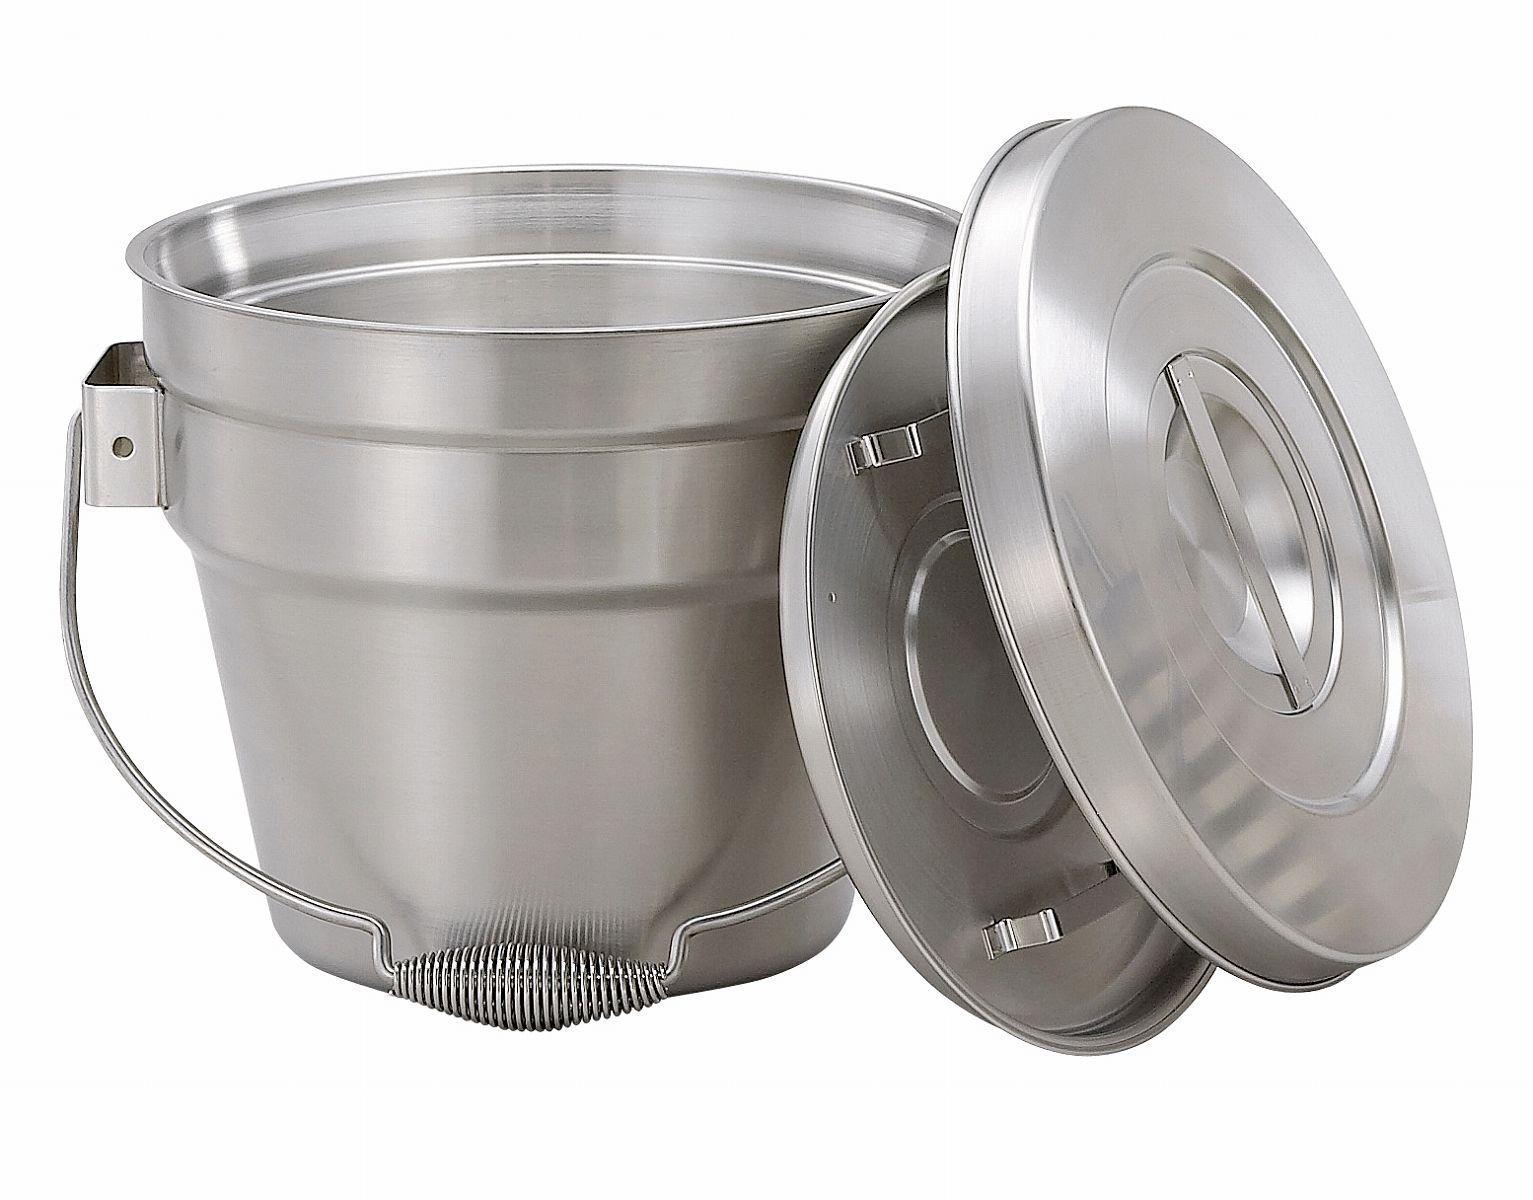 ( 送料無料 ) 【 給食 厨房用 】 オールステンレス食缶6L シャトルドラム GBB-06 【 ステンレス バケツ 】